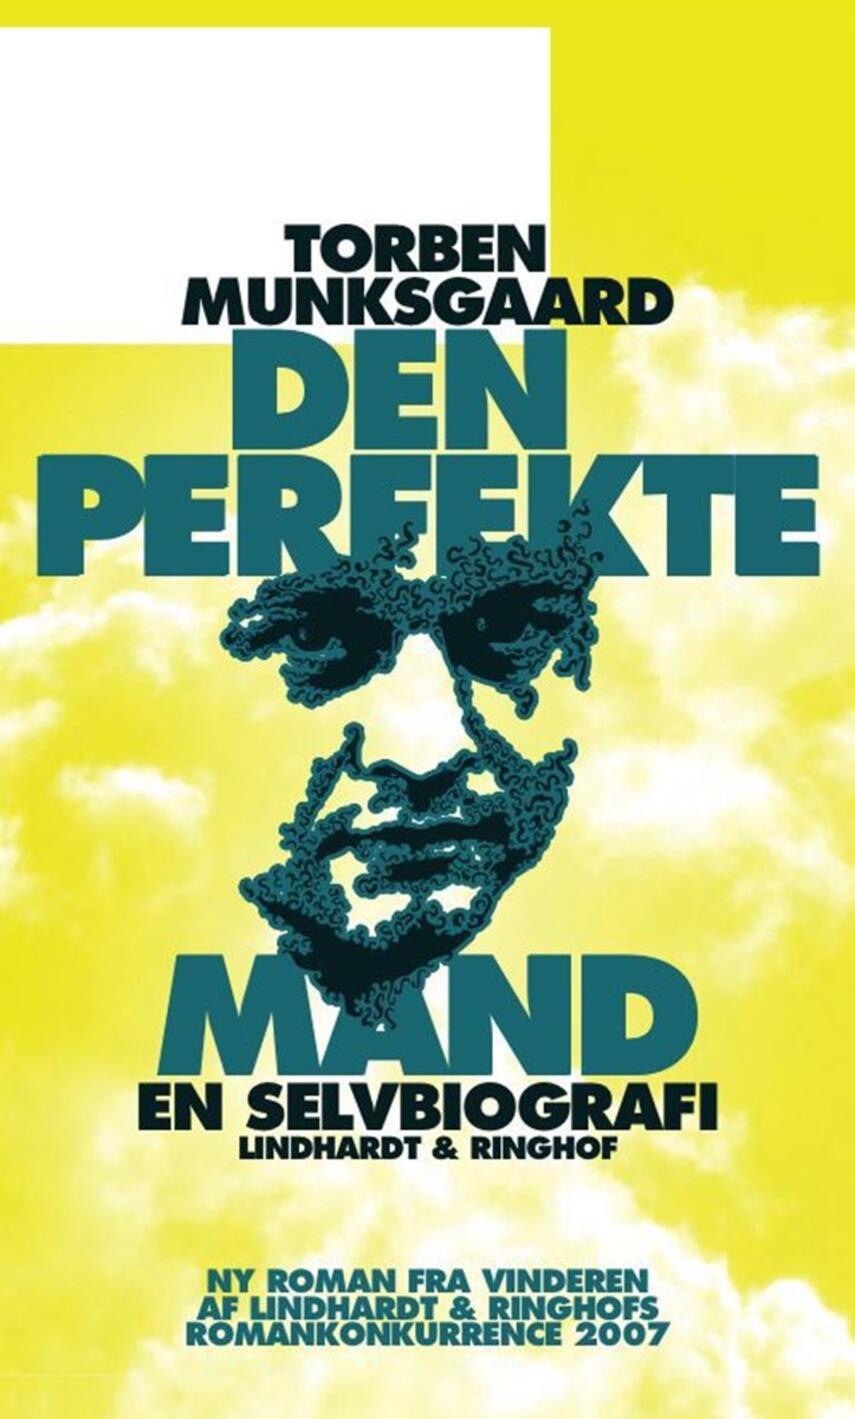 Torben Munksgaard: Den perfekte mand